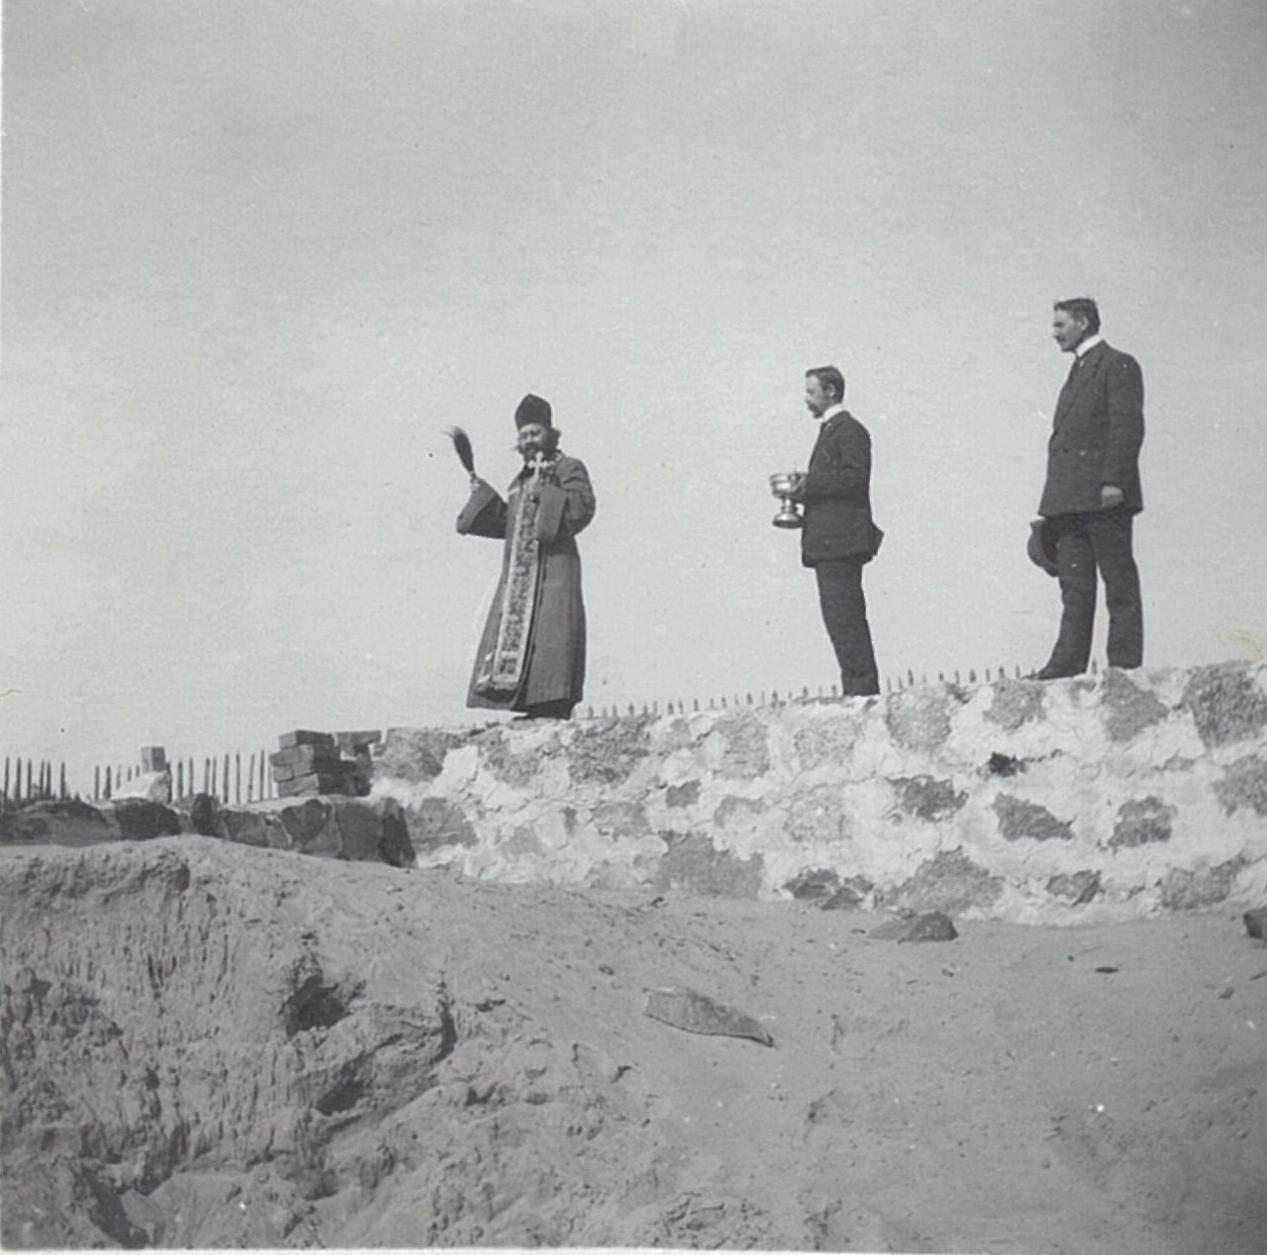 1899. Освящение строящихся стен церкви Спаса Нерукотворного в Рябово.